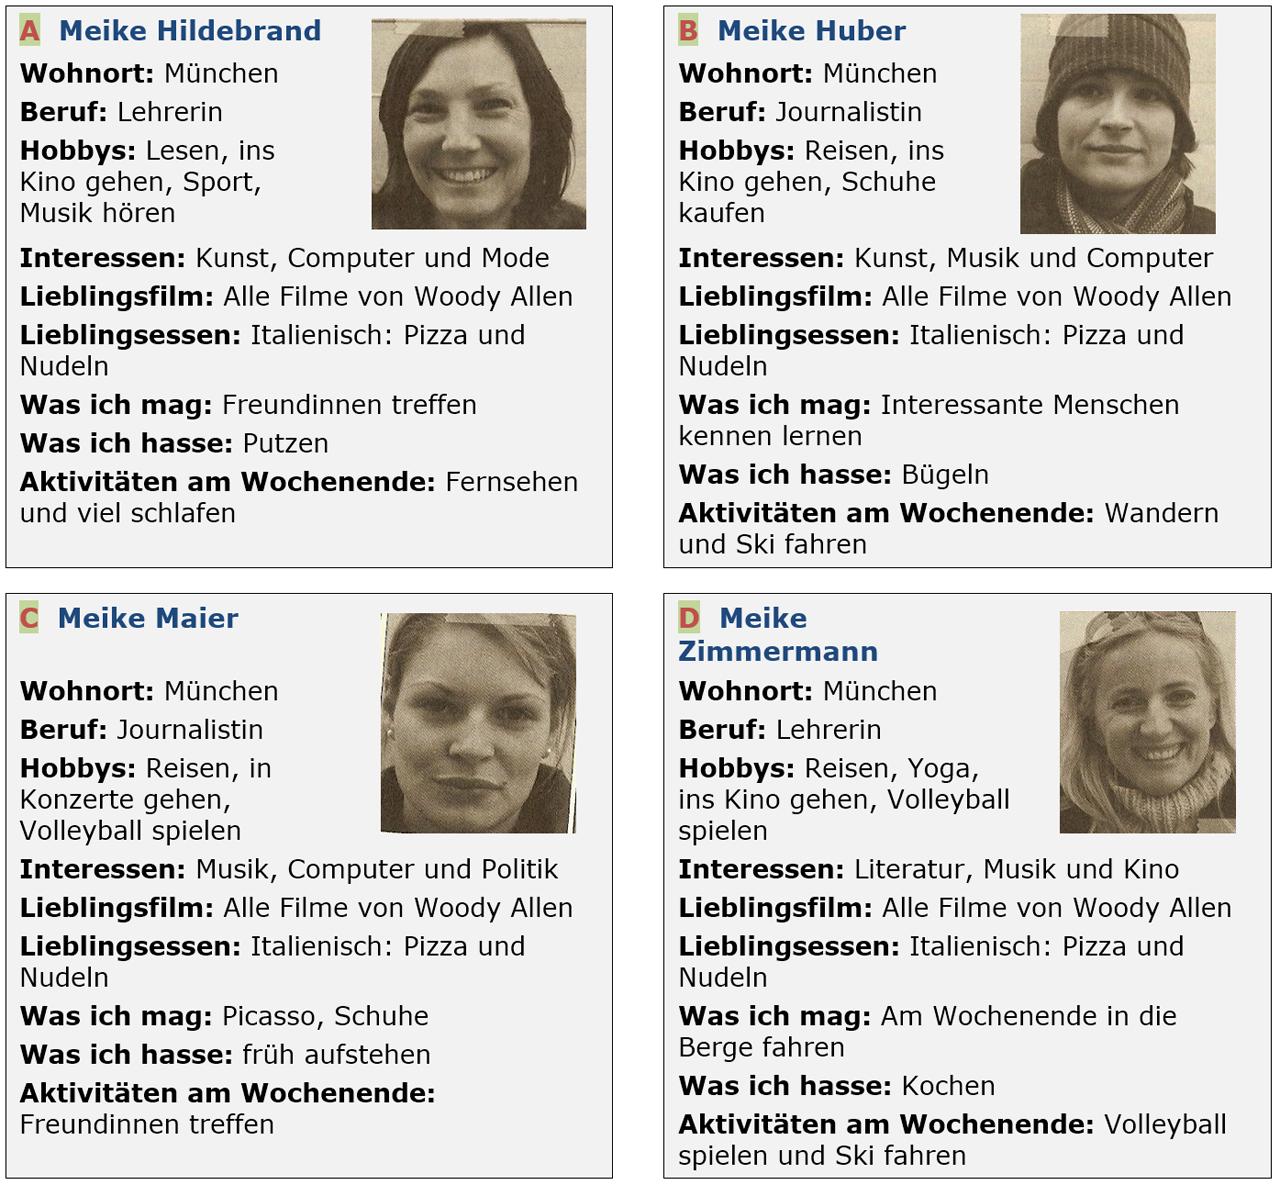 Hörverstehen_Idealpaar_A1_4_Steckbriefe_Meike_deutschernerblog